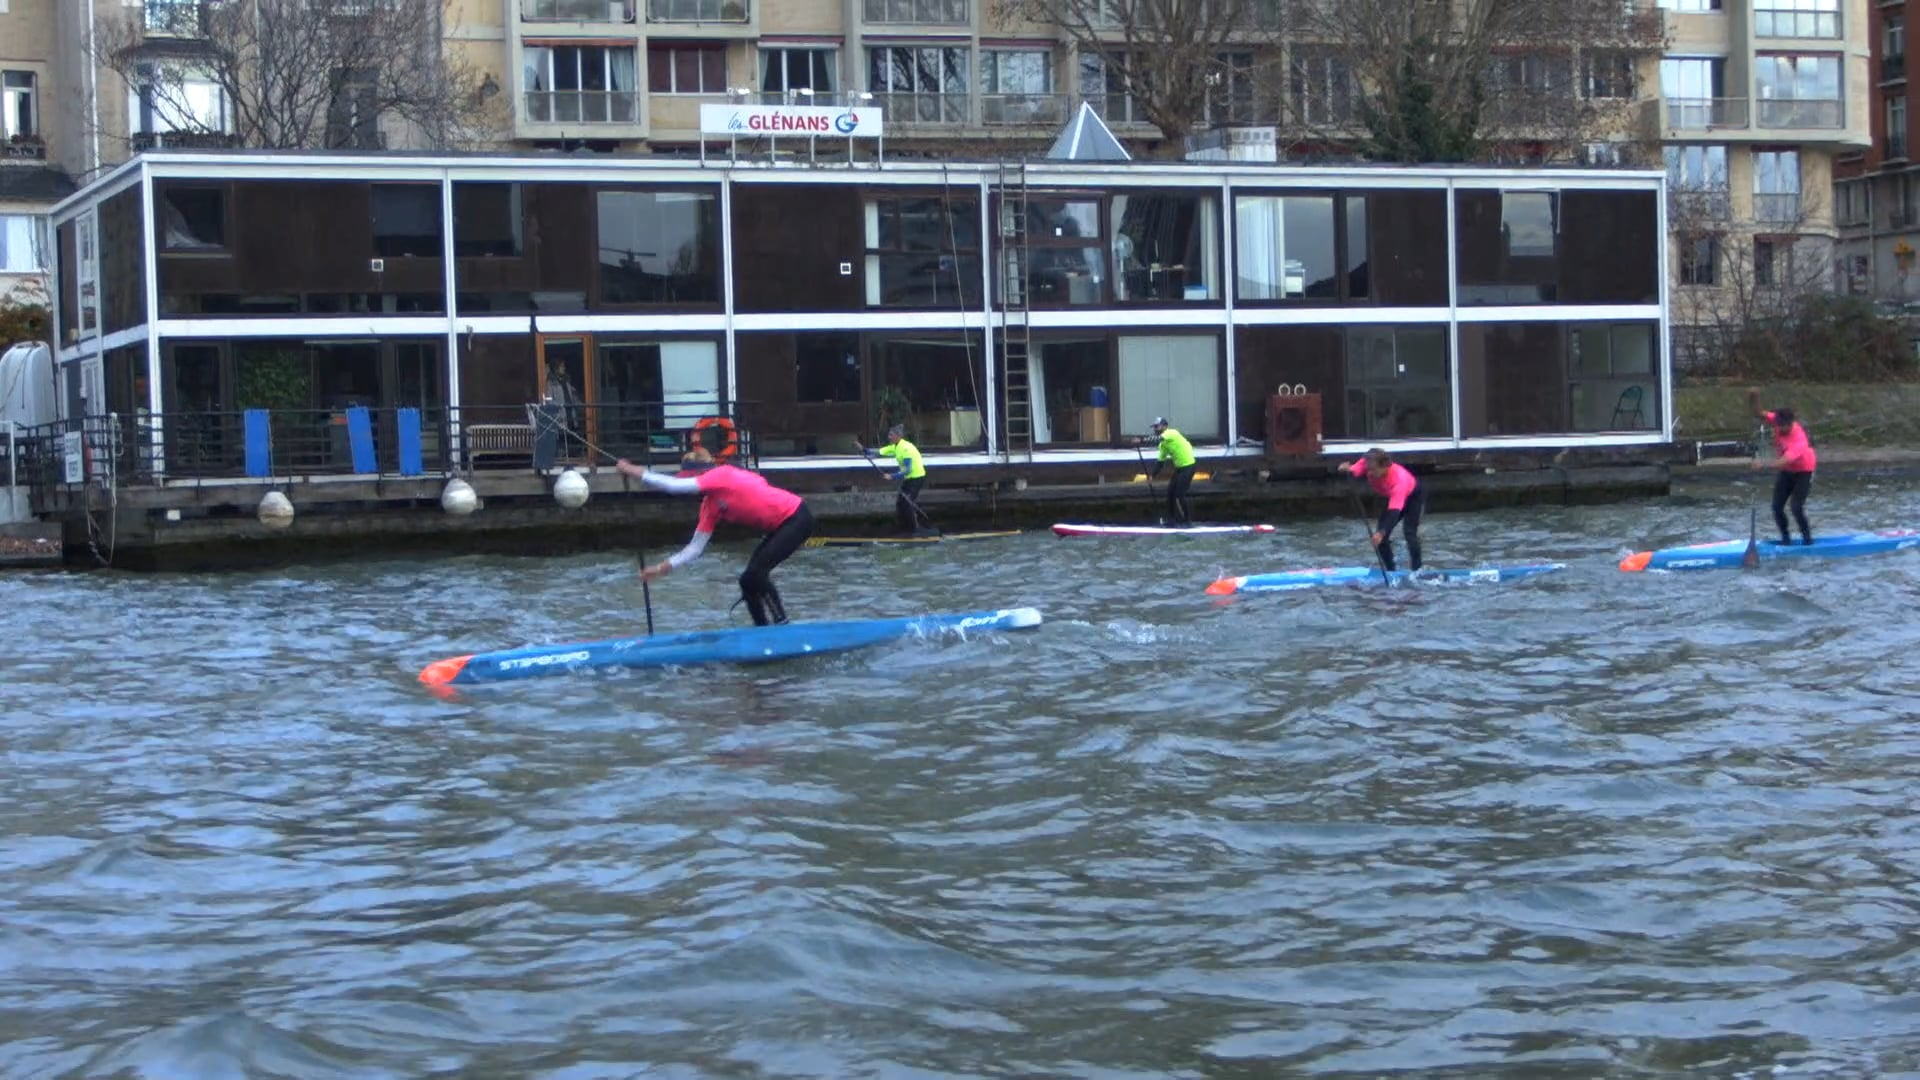 Paris Sup Crossing - Paris Sup Open Day 2 Distance Race 2018